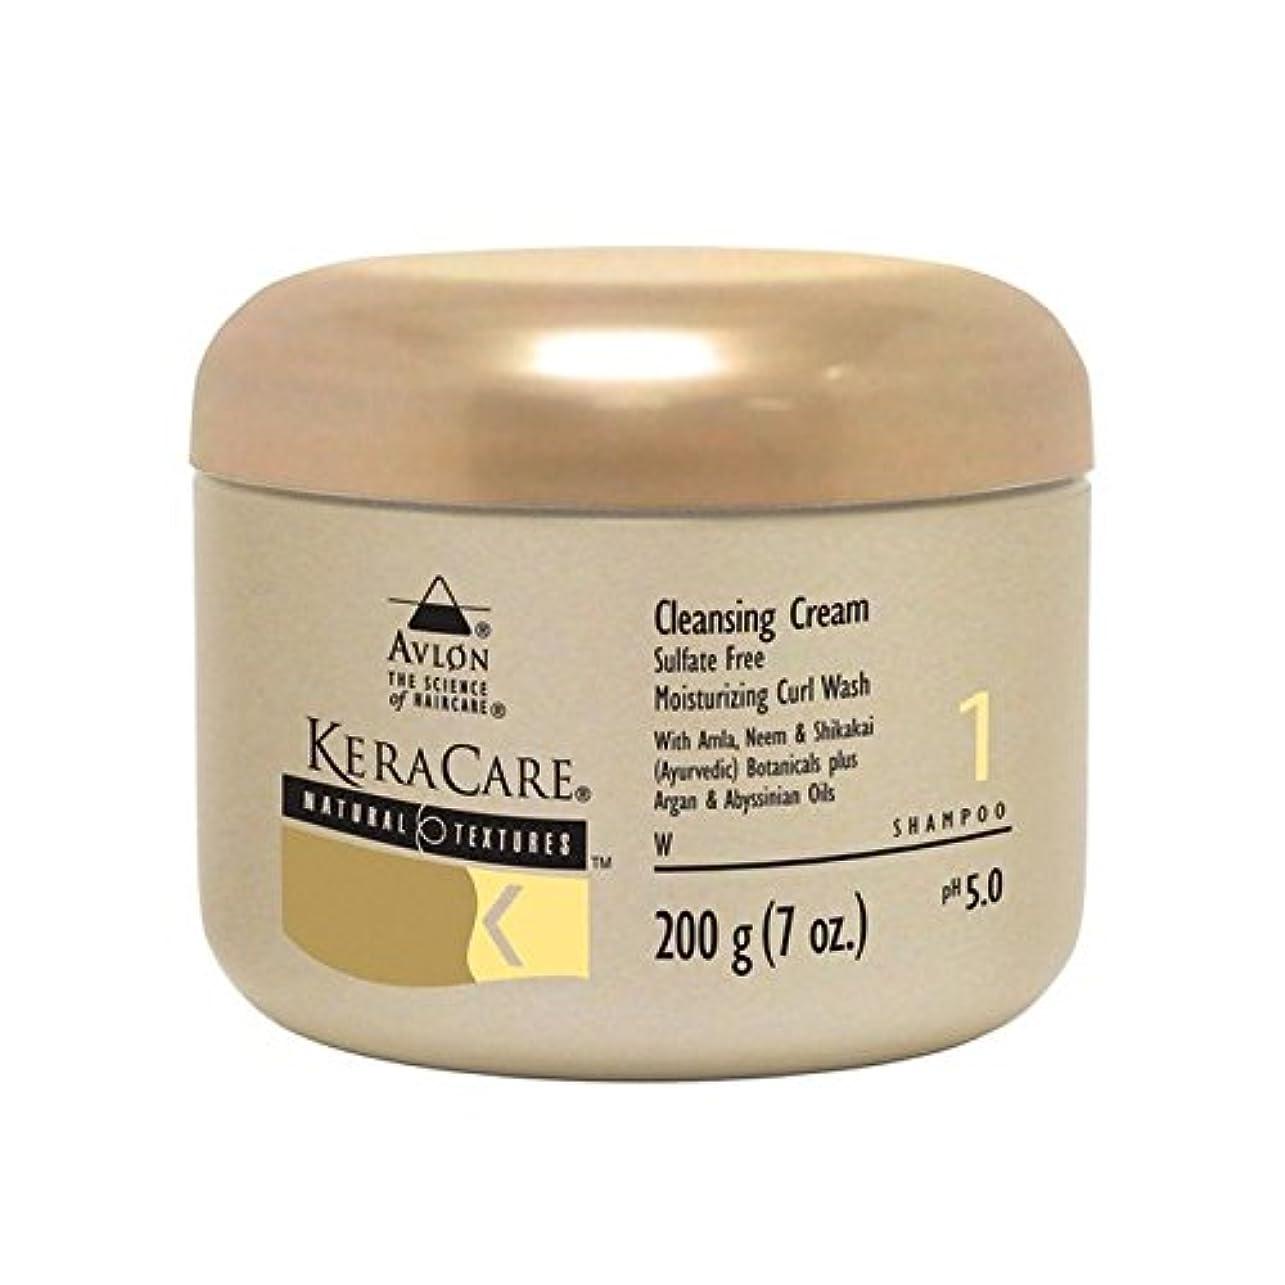 想像するディベート高める自然な質感クレンジングクリーム(910グラム) x2 - Keracare Natural Textures Cleansing Cream (910G) (Pack of 2) [並行輸入品]